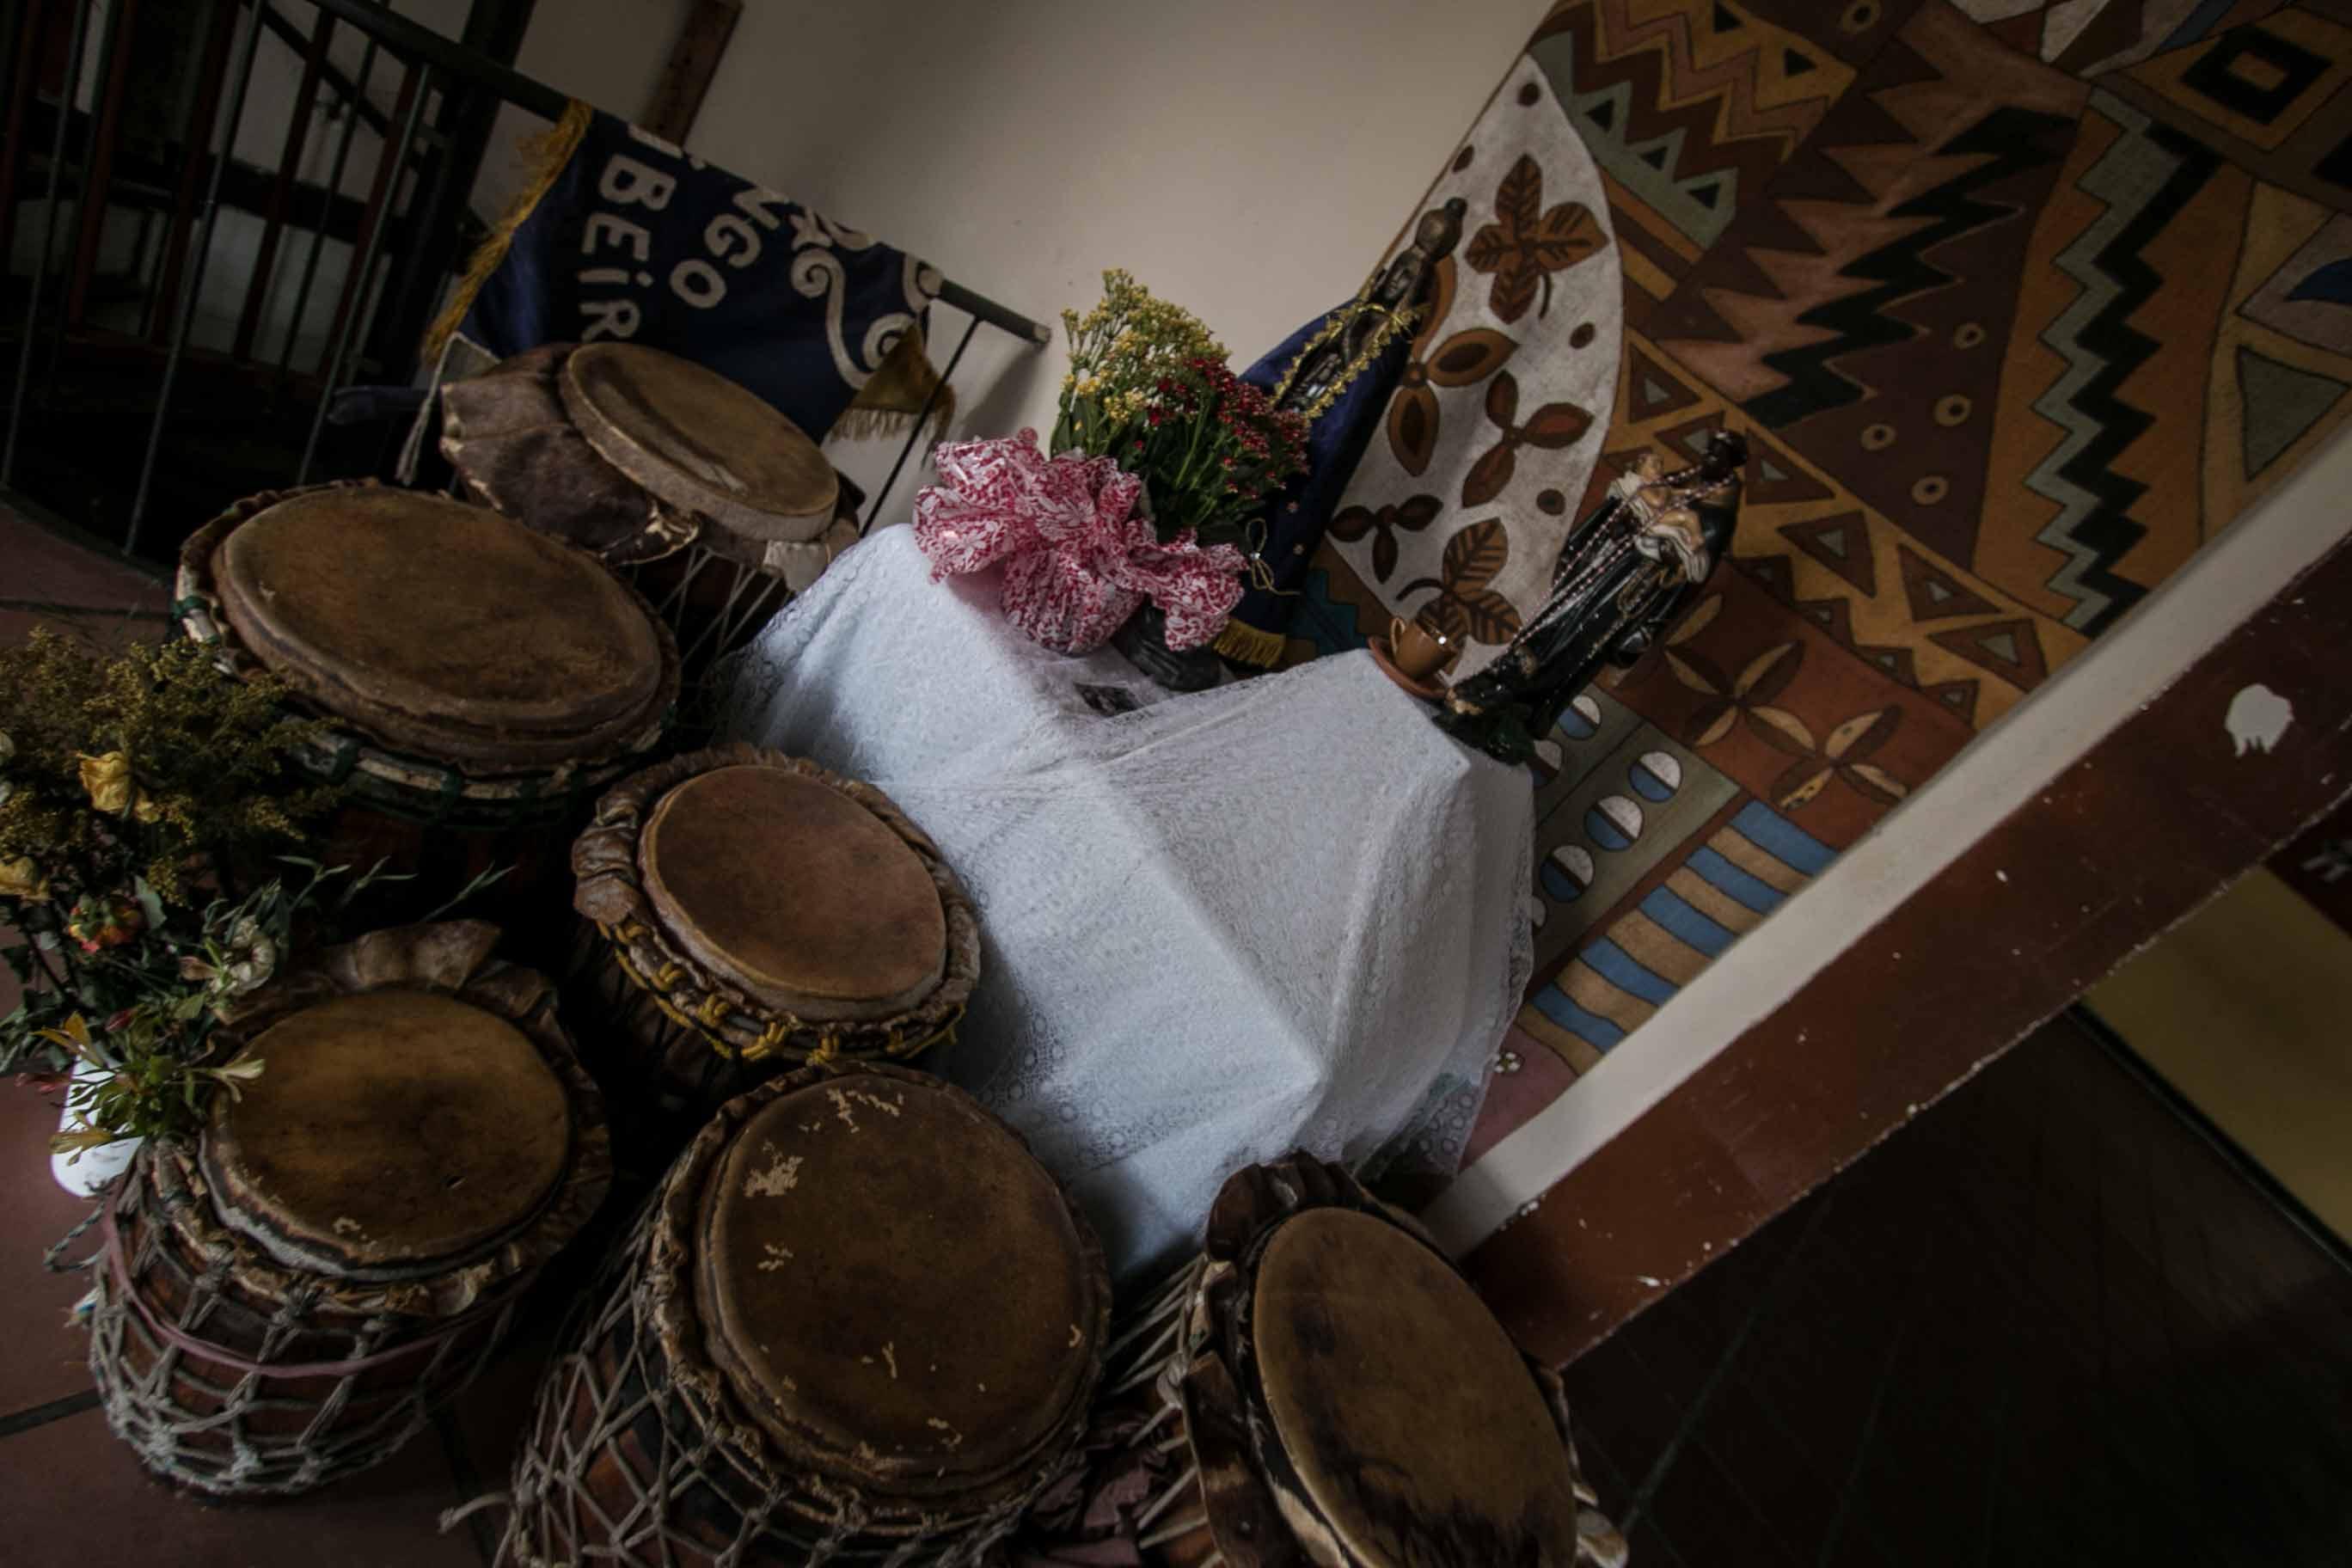 cultura da comunidade africana em campinas-historia-imigracao-africana-fazenda-roseira-_mg_2689-bx